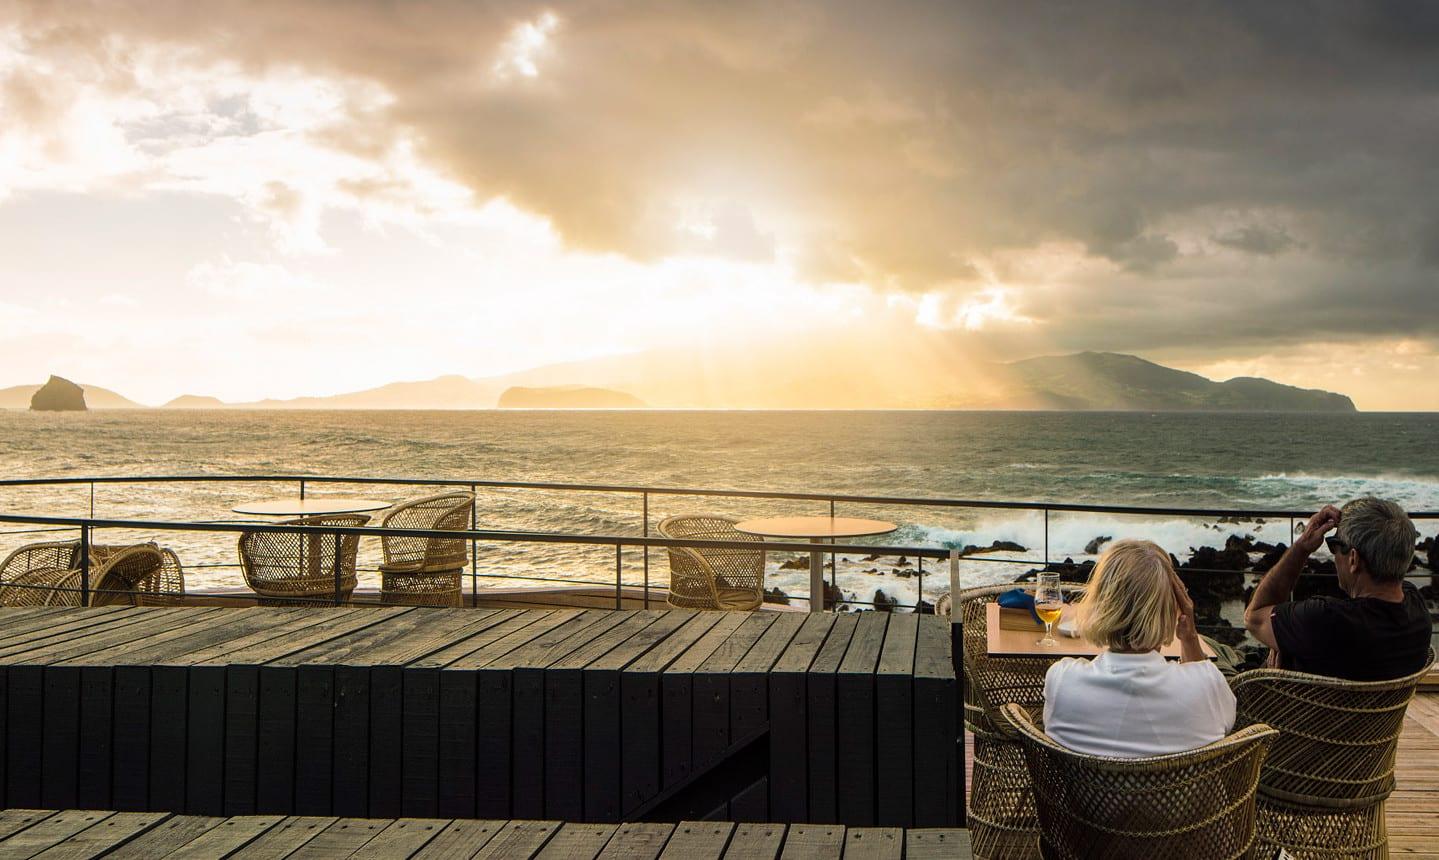 coole terrassengestaltung mit terrassenmöbel und fantastische dachterrasse aus holz mit blick aufs meer